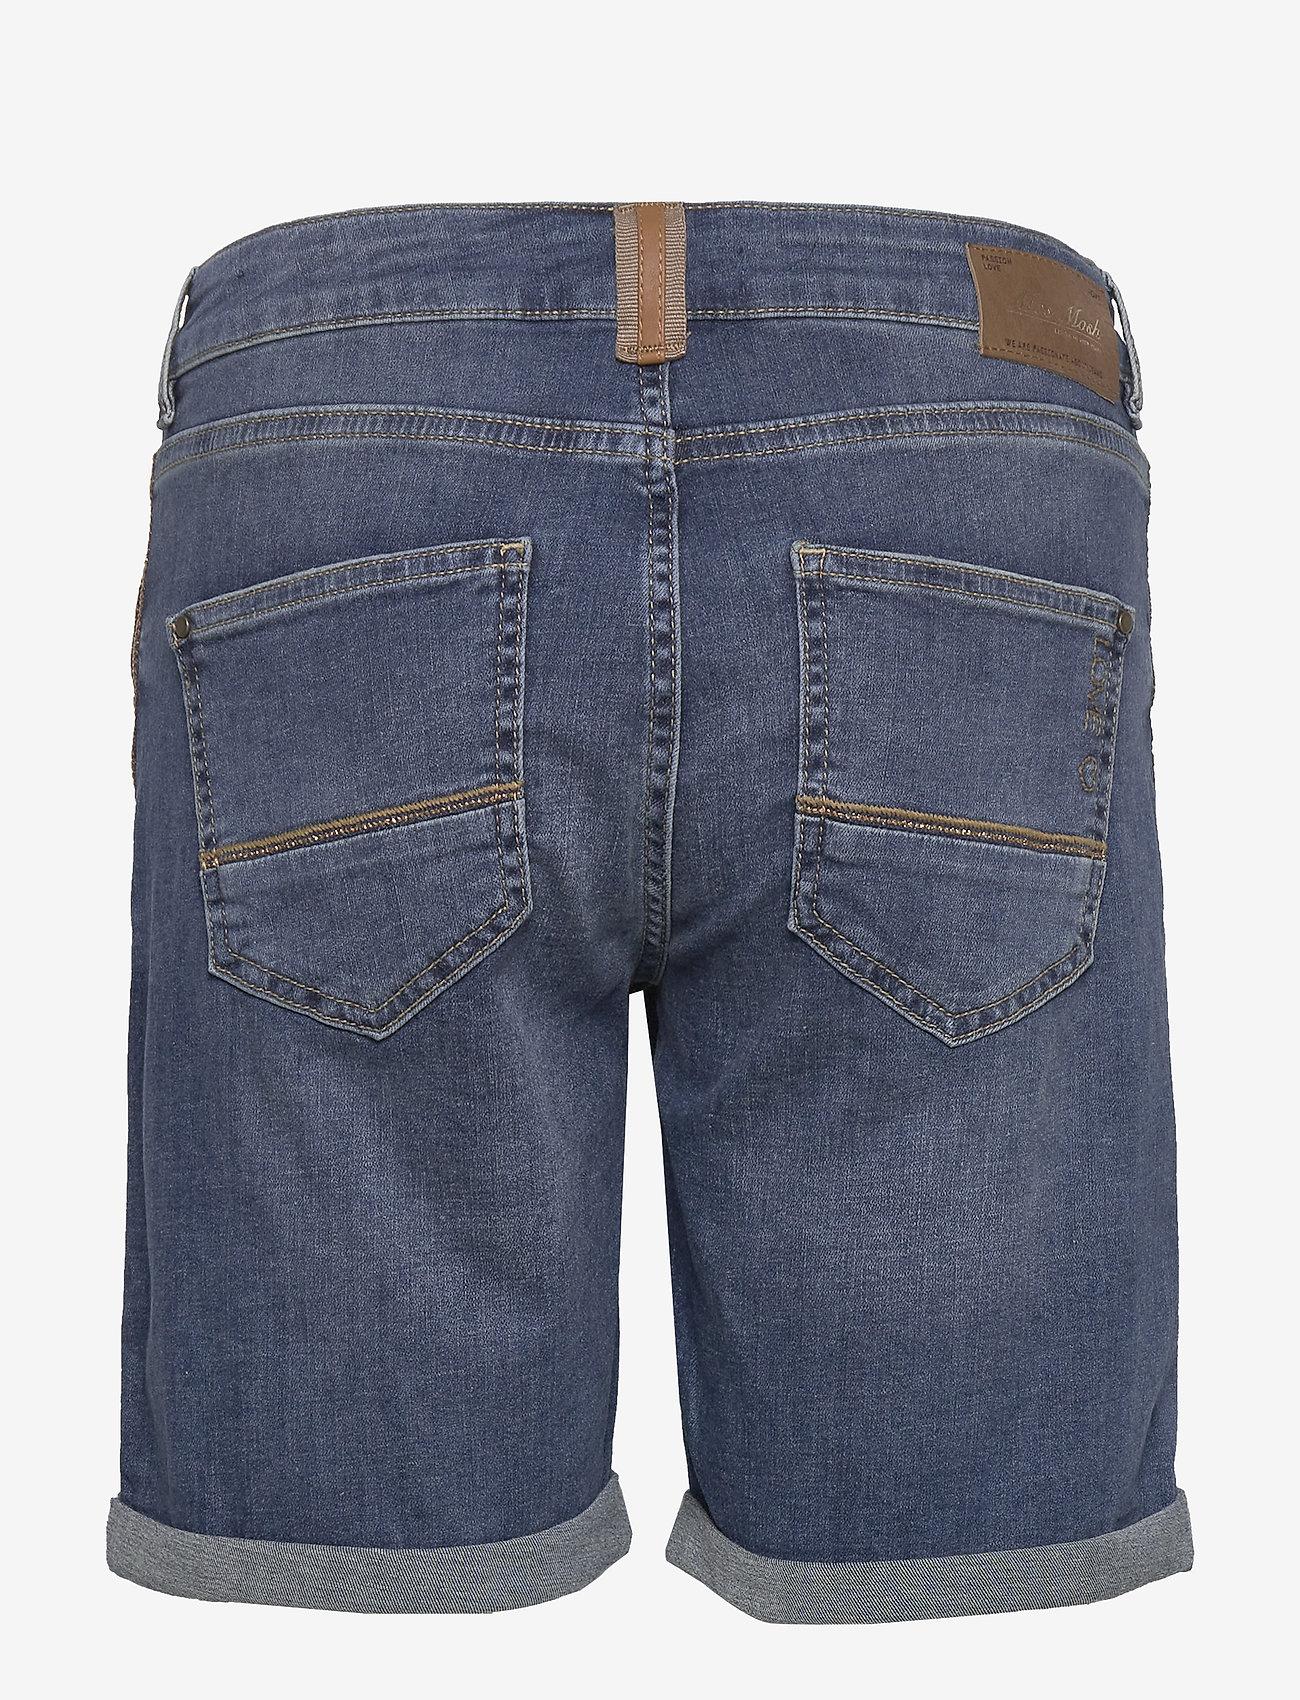 Ava Faith Shorts (Blue) (1099 kr) - MOS MOSH